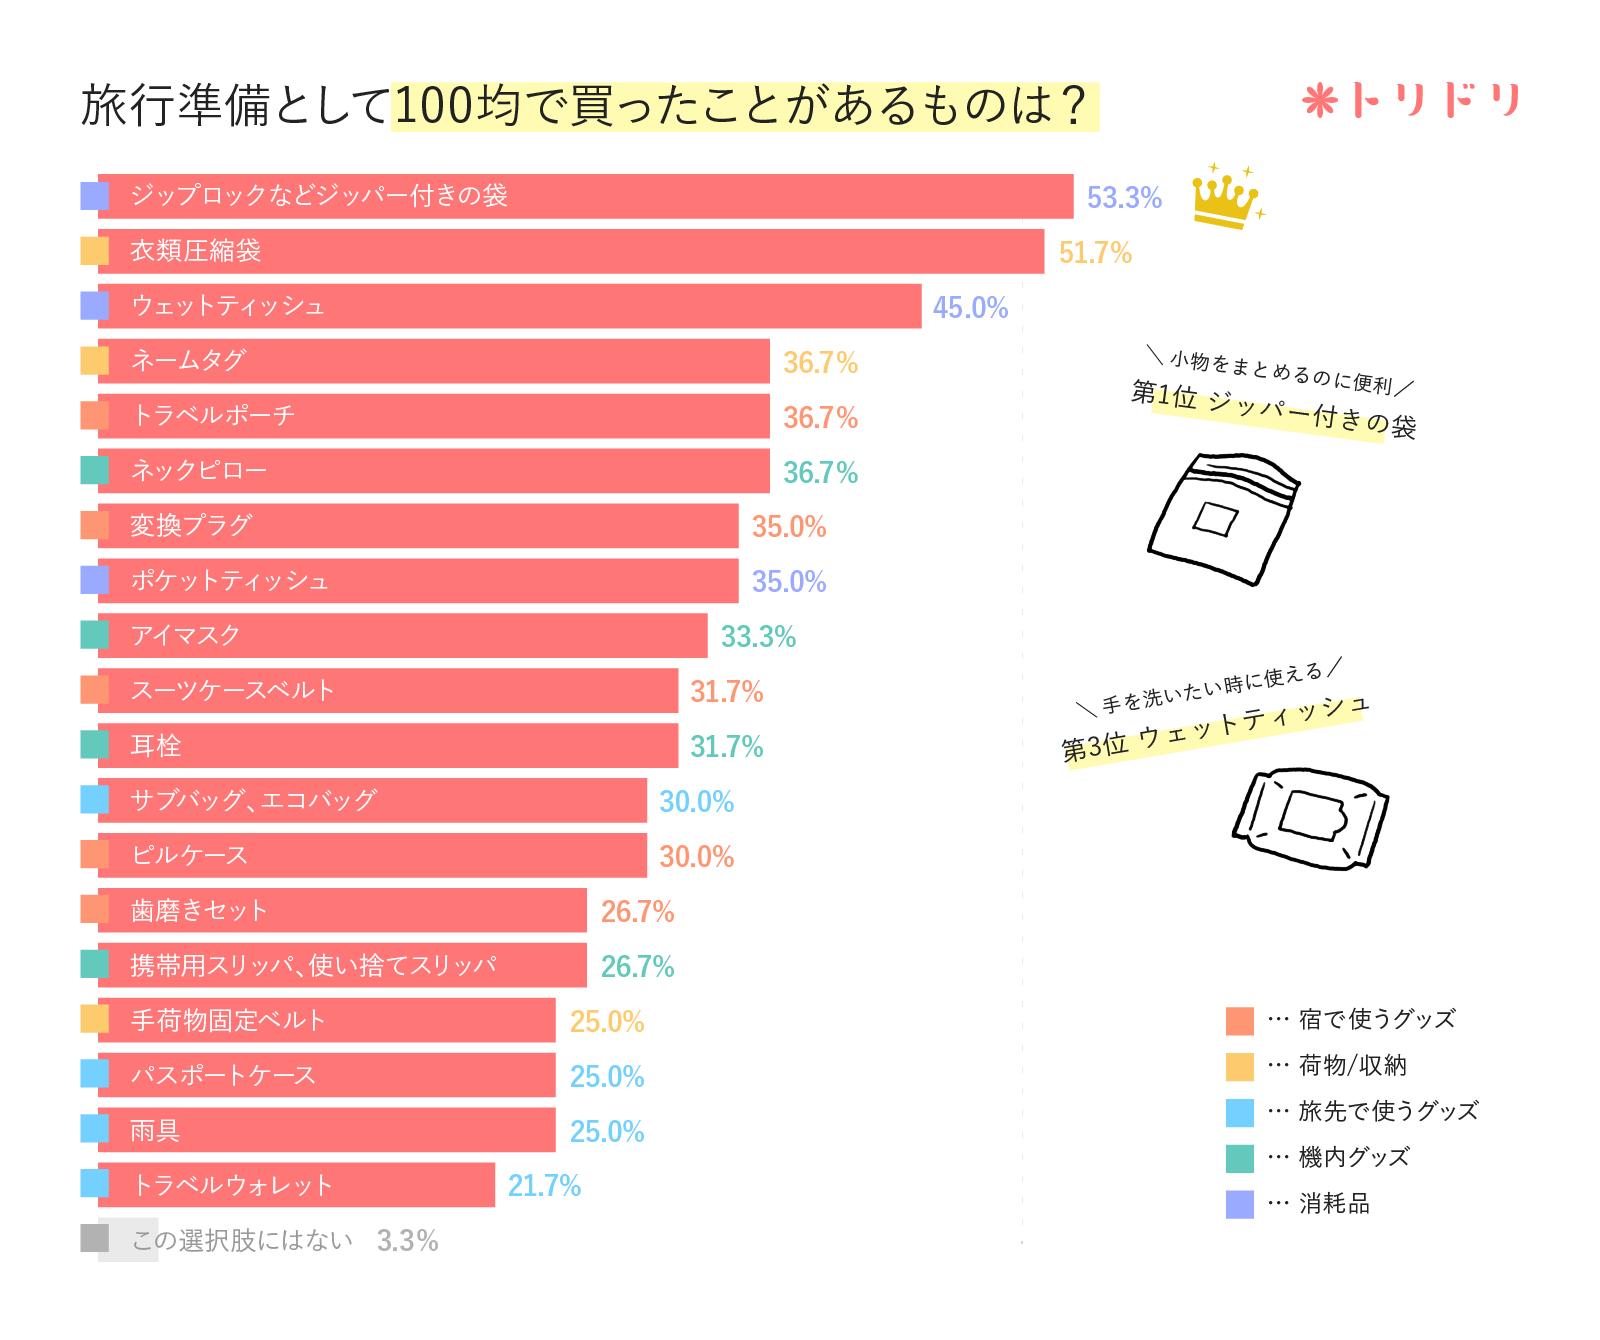 アンケート結果のグラフ:海外旅行の準備として、100円ショップで買ったことのあるものはありますか?